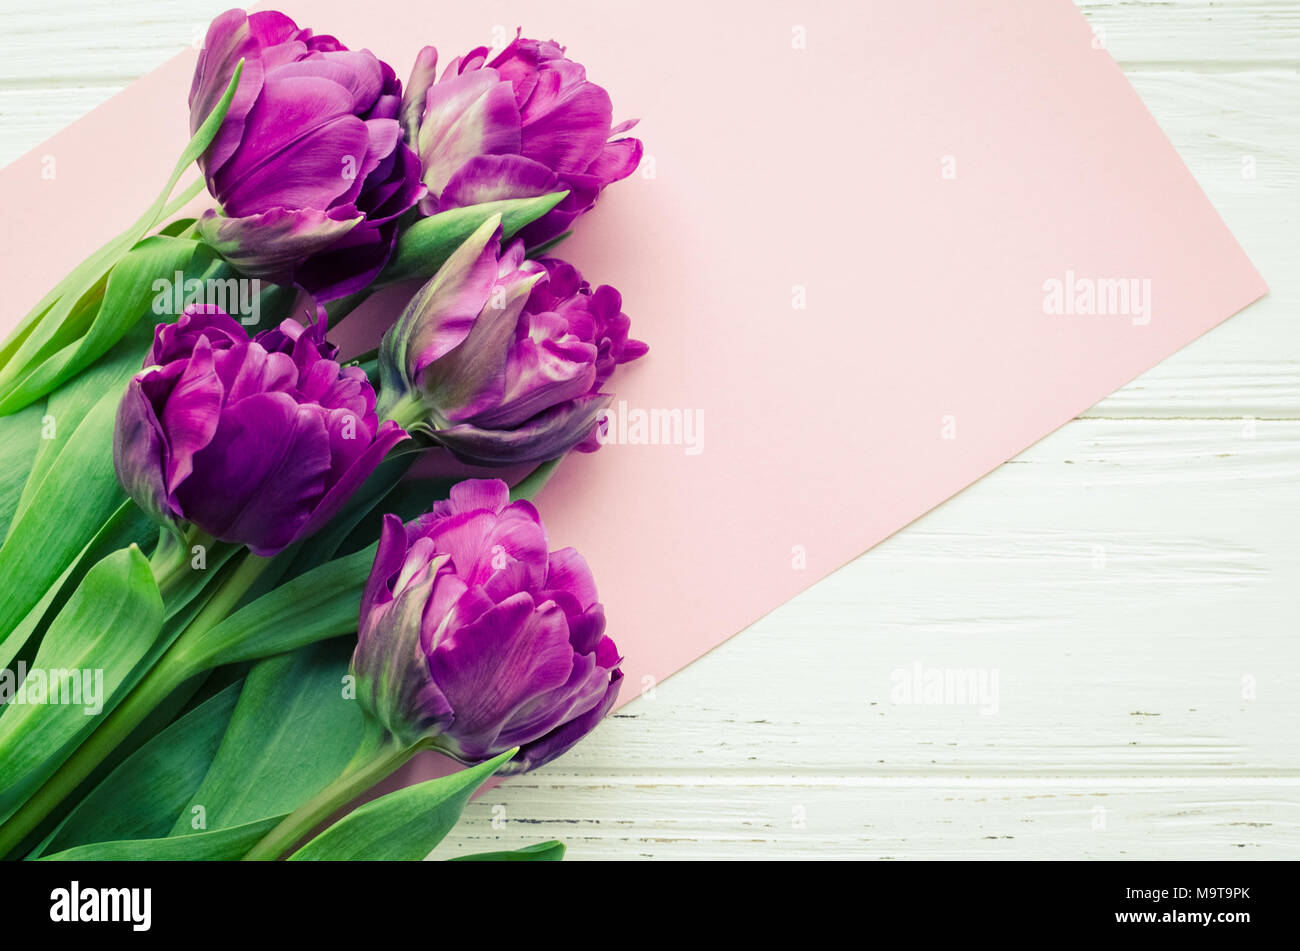 uv tulpe blumen auf wei shabby chic holz hintergrund blumenstrau aus lila fr hling tulpen. Black Bedroom Furniture Sets. Home Design Ideas